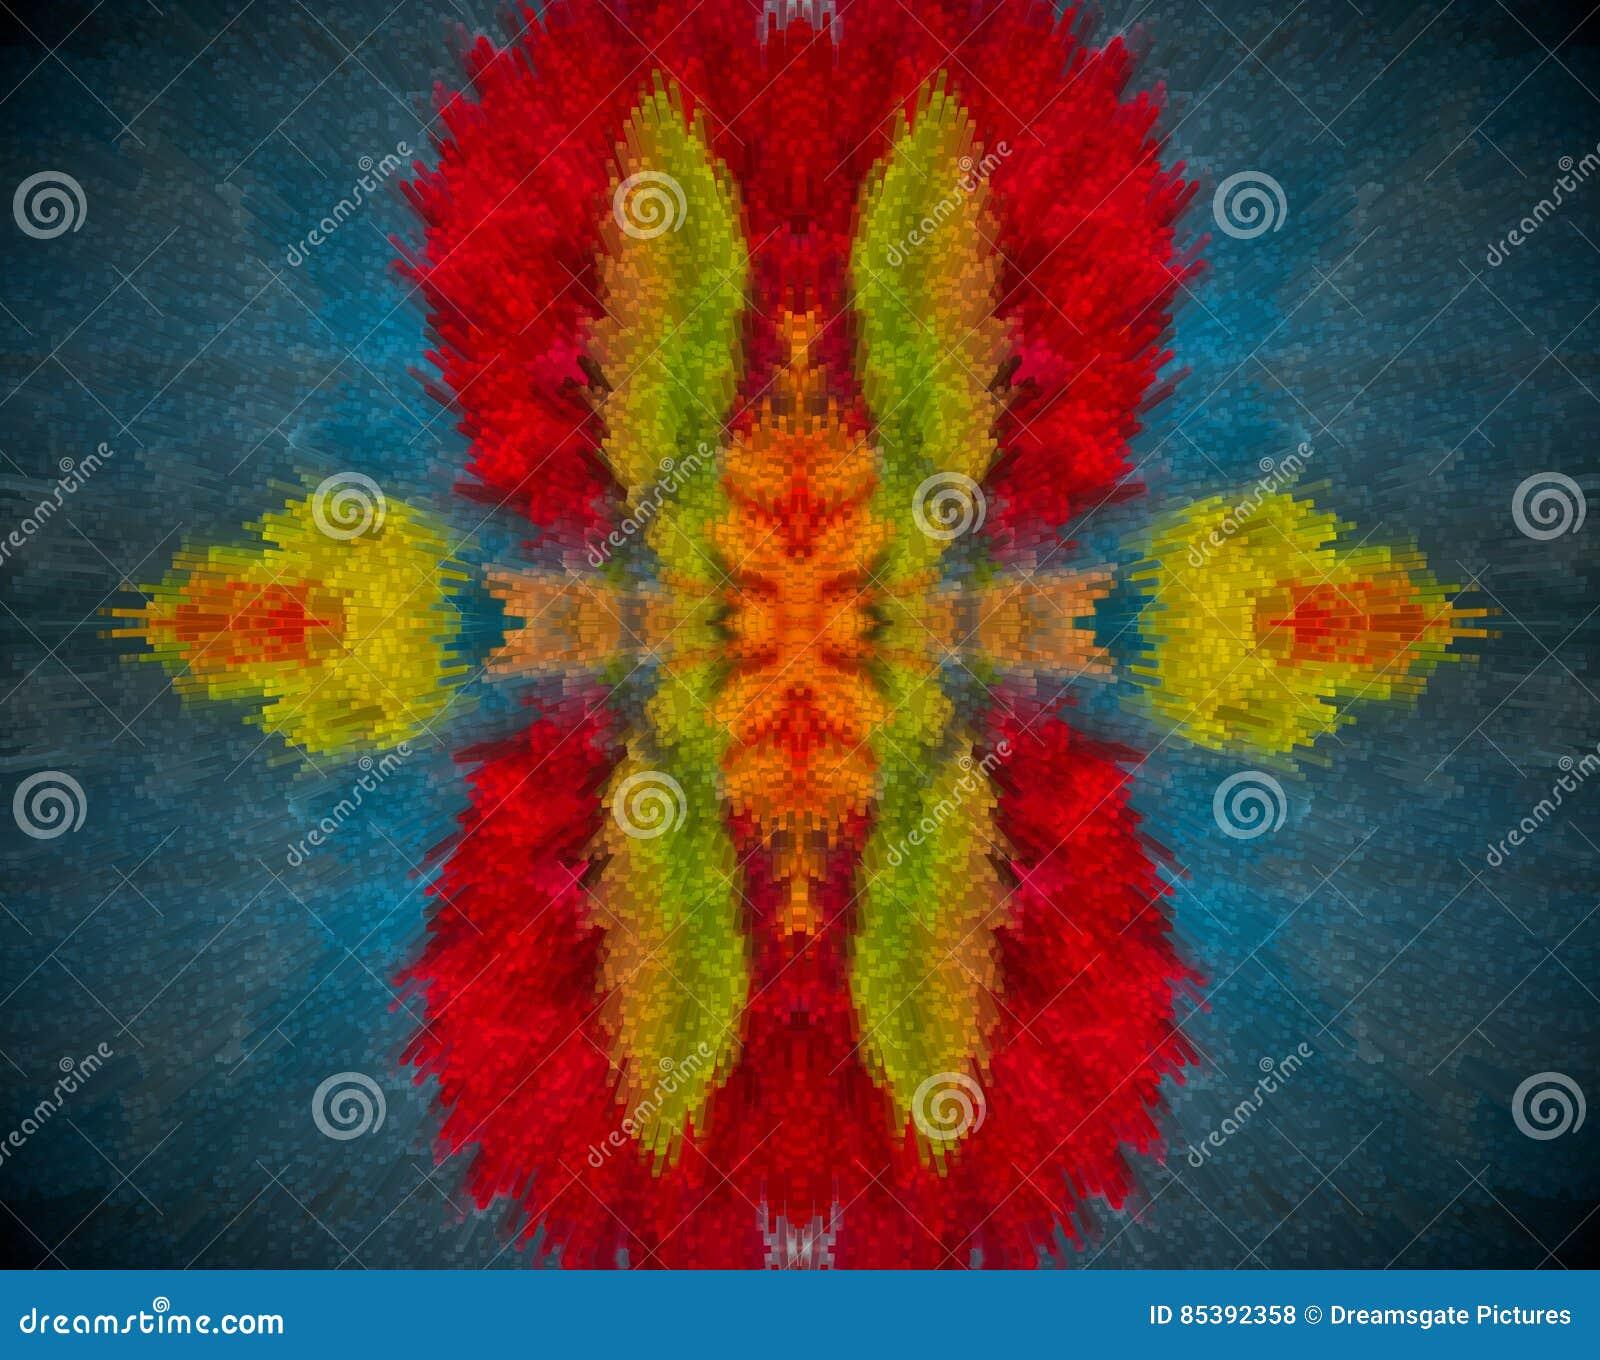 Resuma la mandala sacada con color rojo, anaranjado, azul y verde